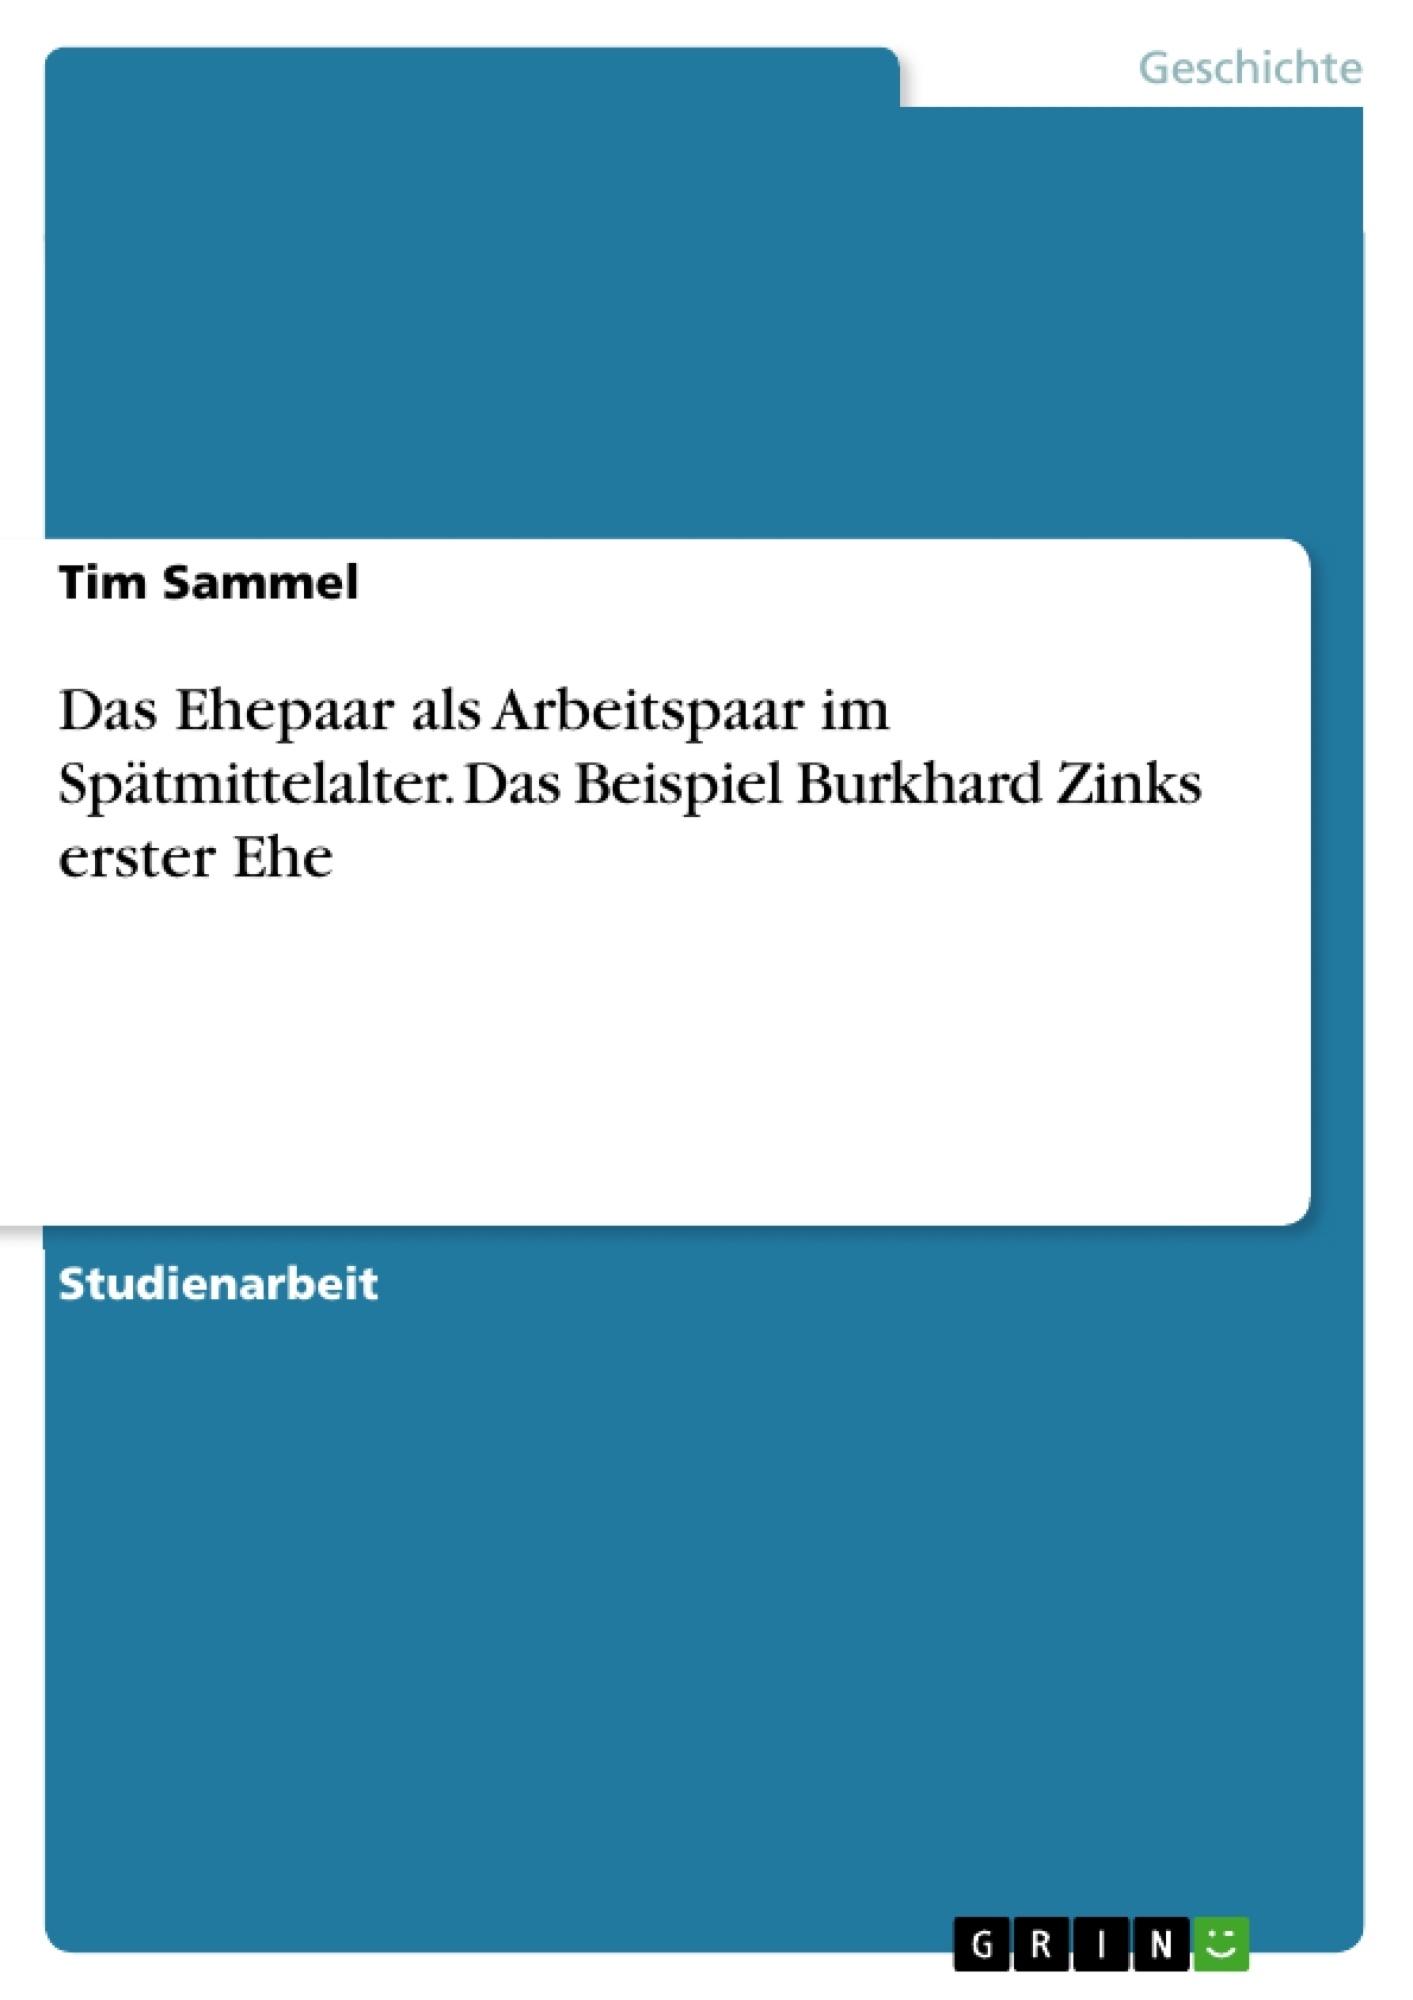 Titel: Das Ehepaar als Arbeitspaar im Spätmittelalter. Das Beispiel Burkhard Zinks erster Ehe